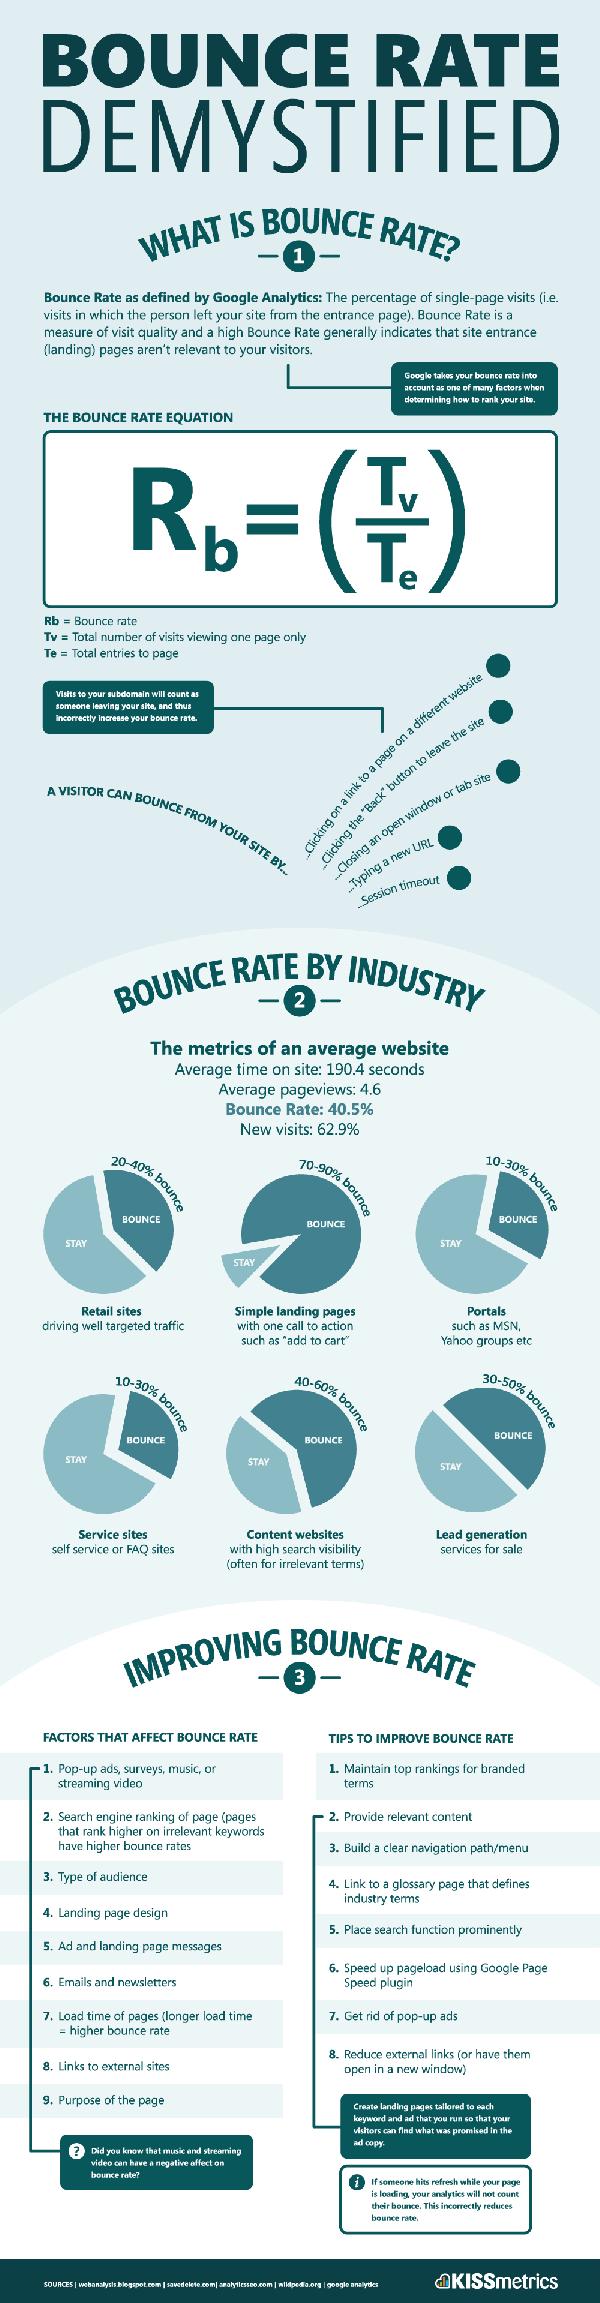 El porcentaje de Abandonos Desmitificado: ¿Qué es el porcentaje de abandonos? (Infografía)